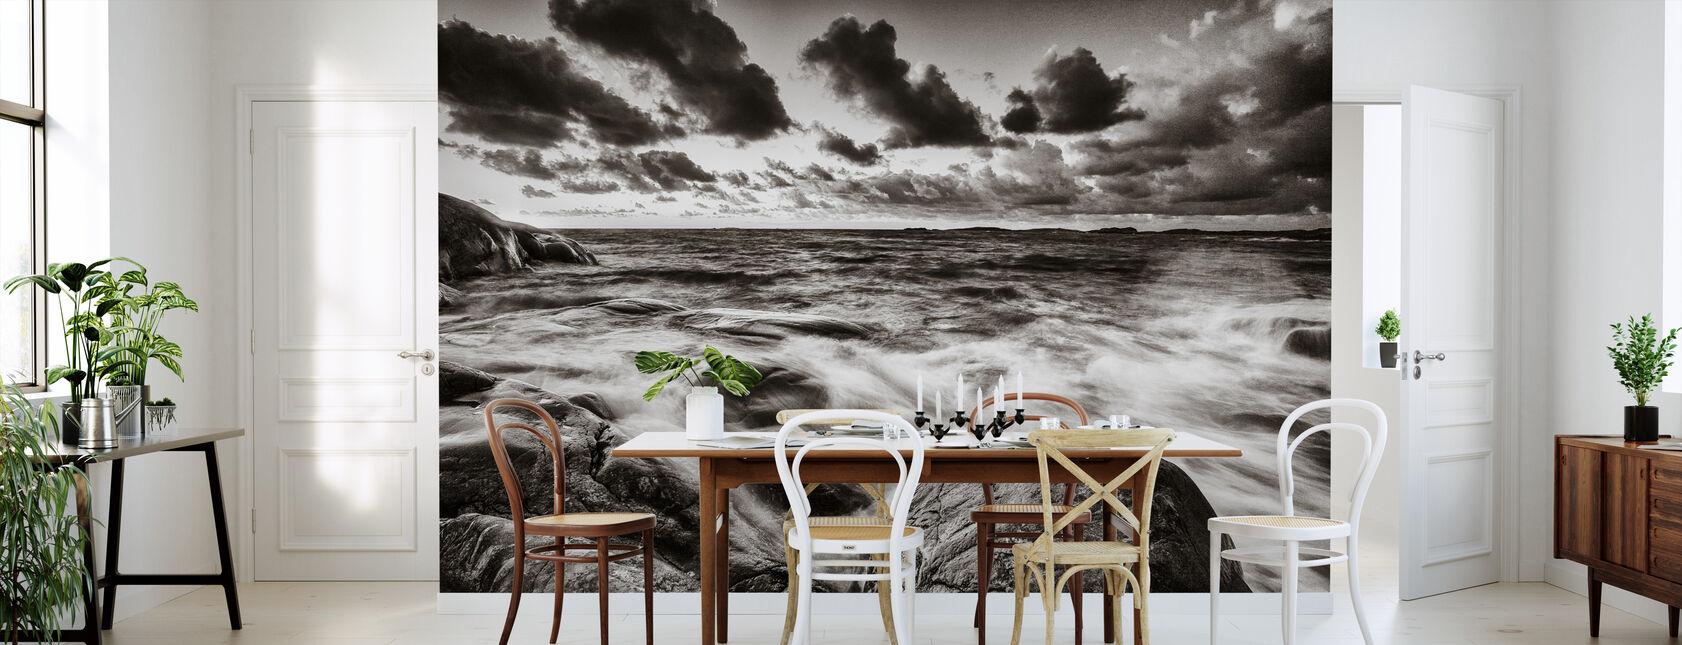 mar tempestuoso en rocas - Papel pintado - Cocina